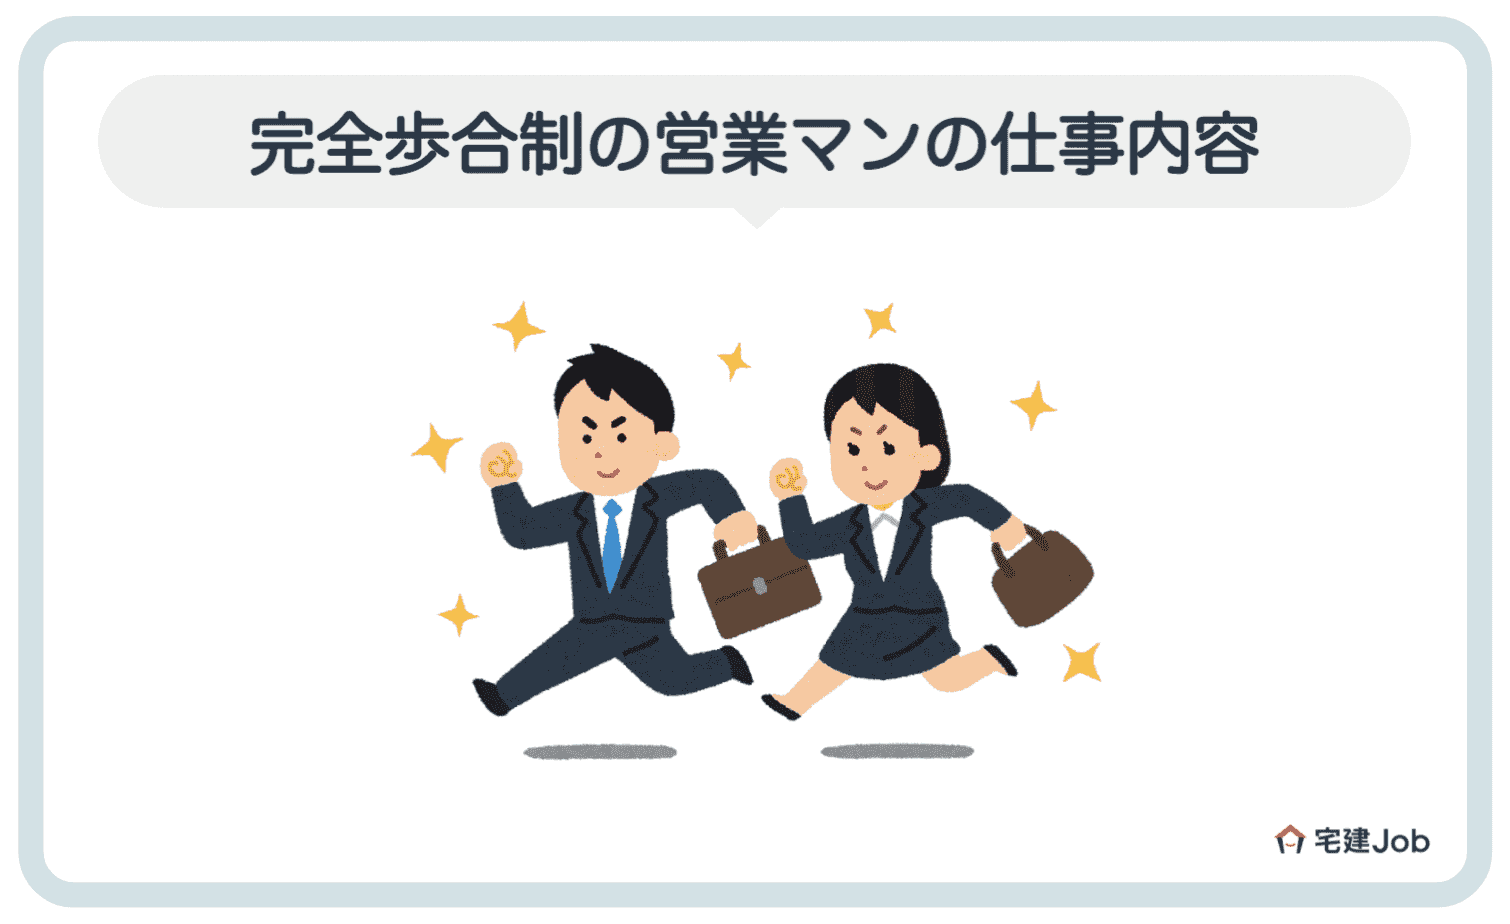 2.完全歩合制の営業マンの仕事内容